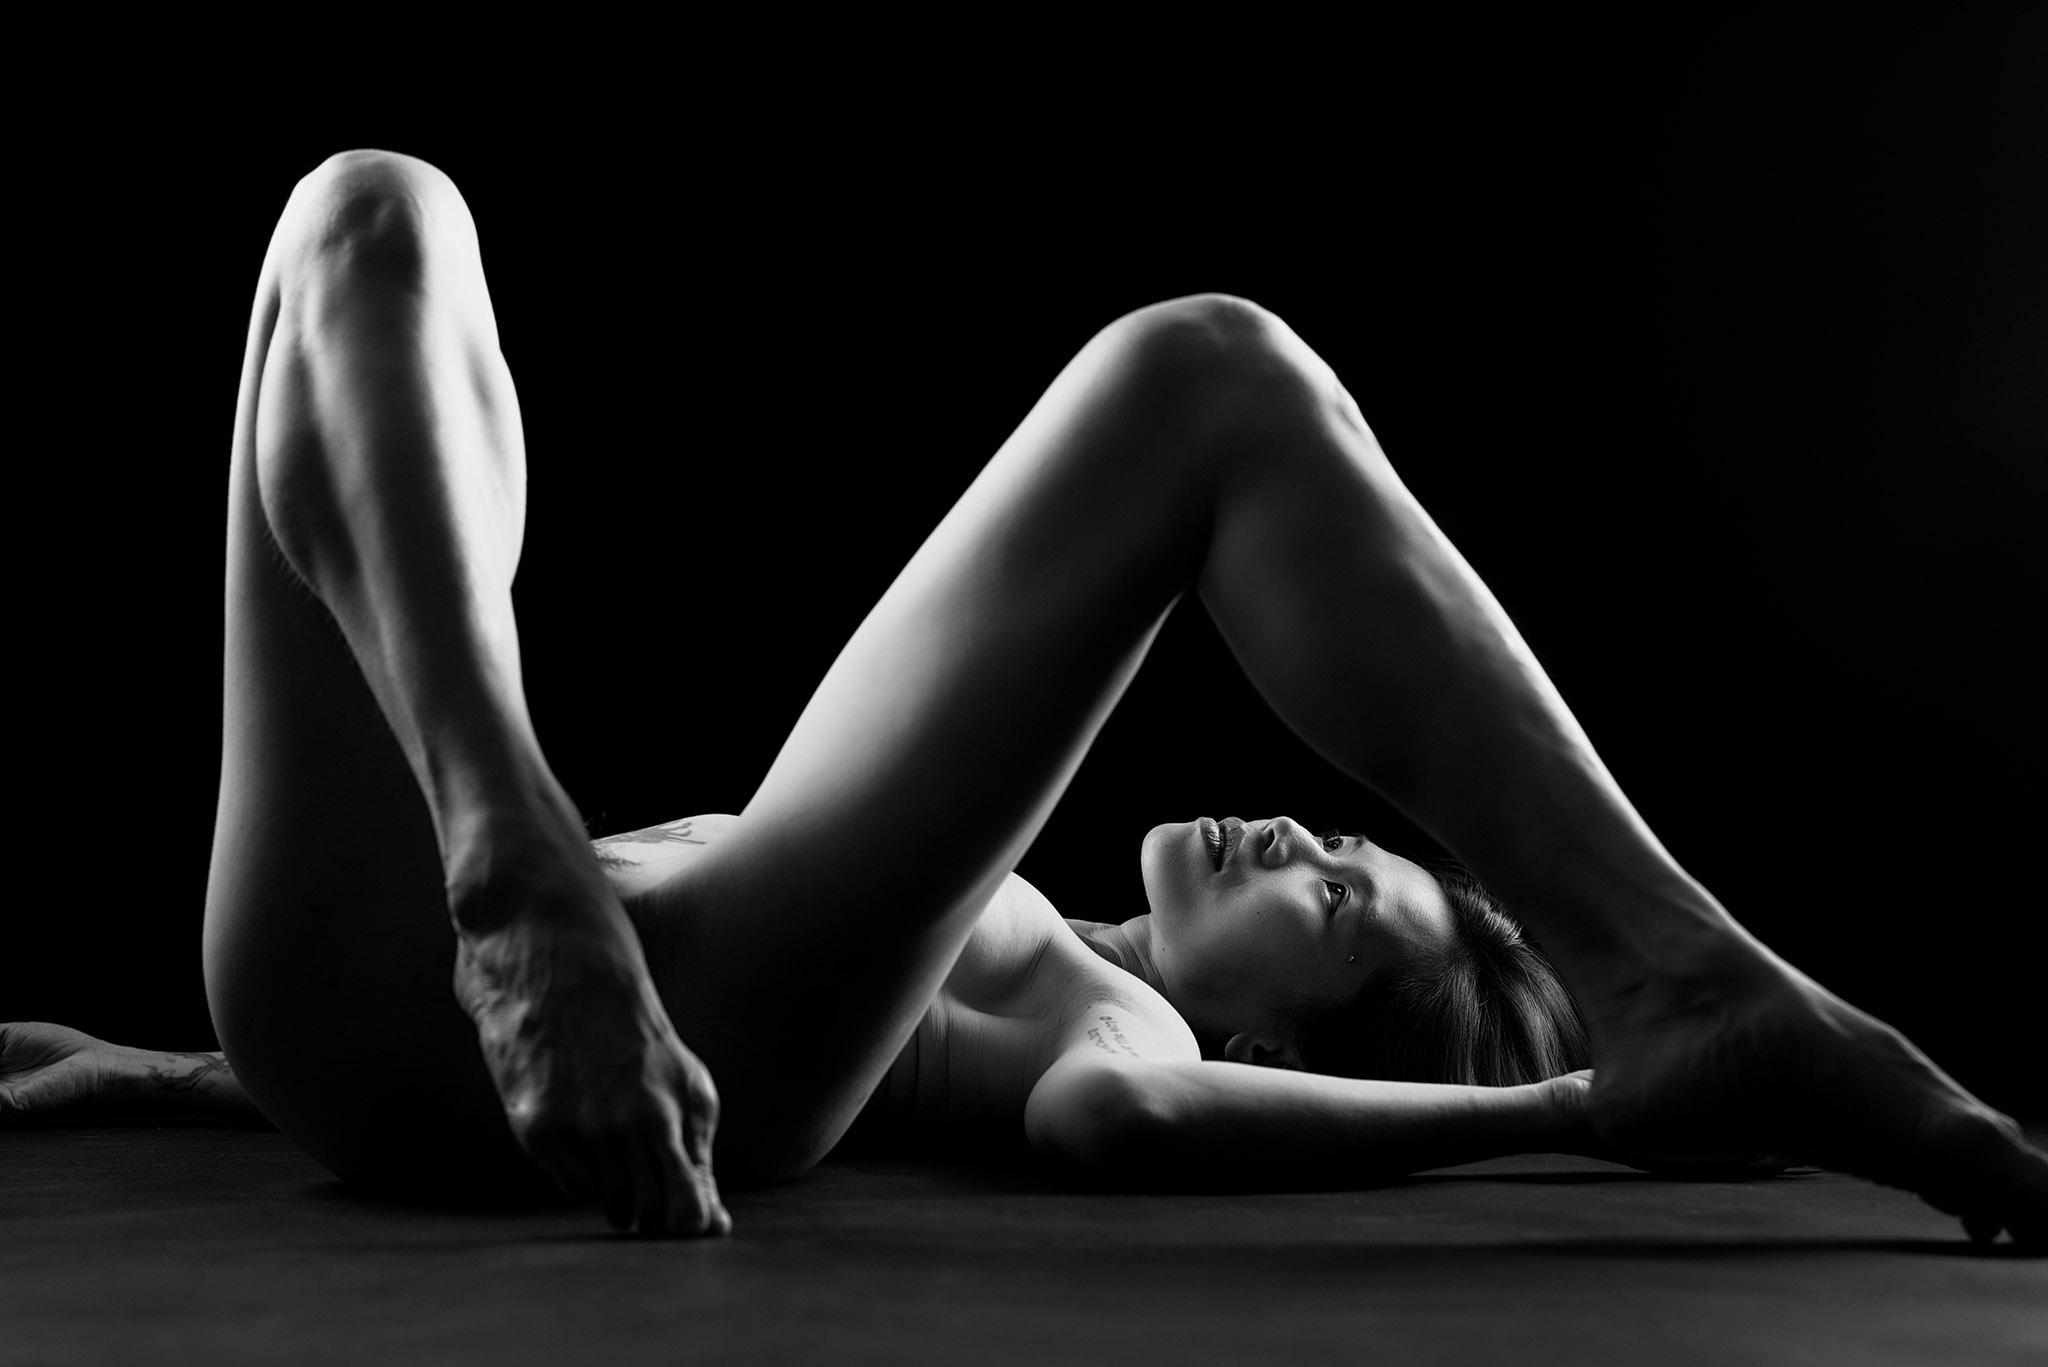 Suelynee ho's model work Photo by Darren body art